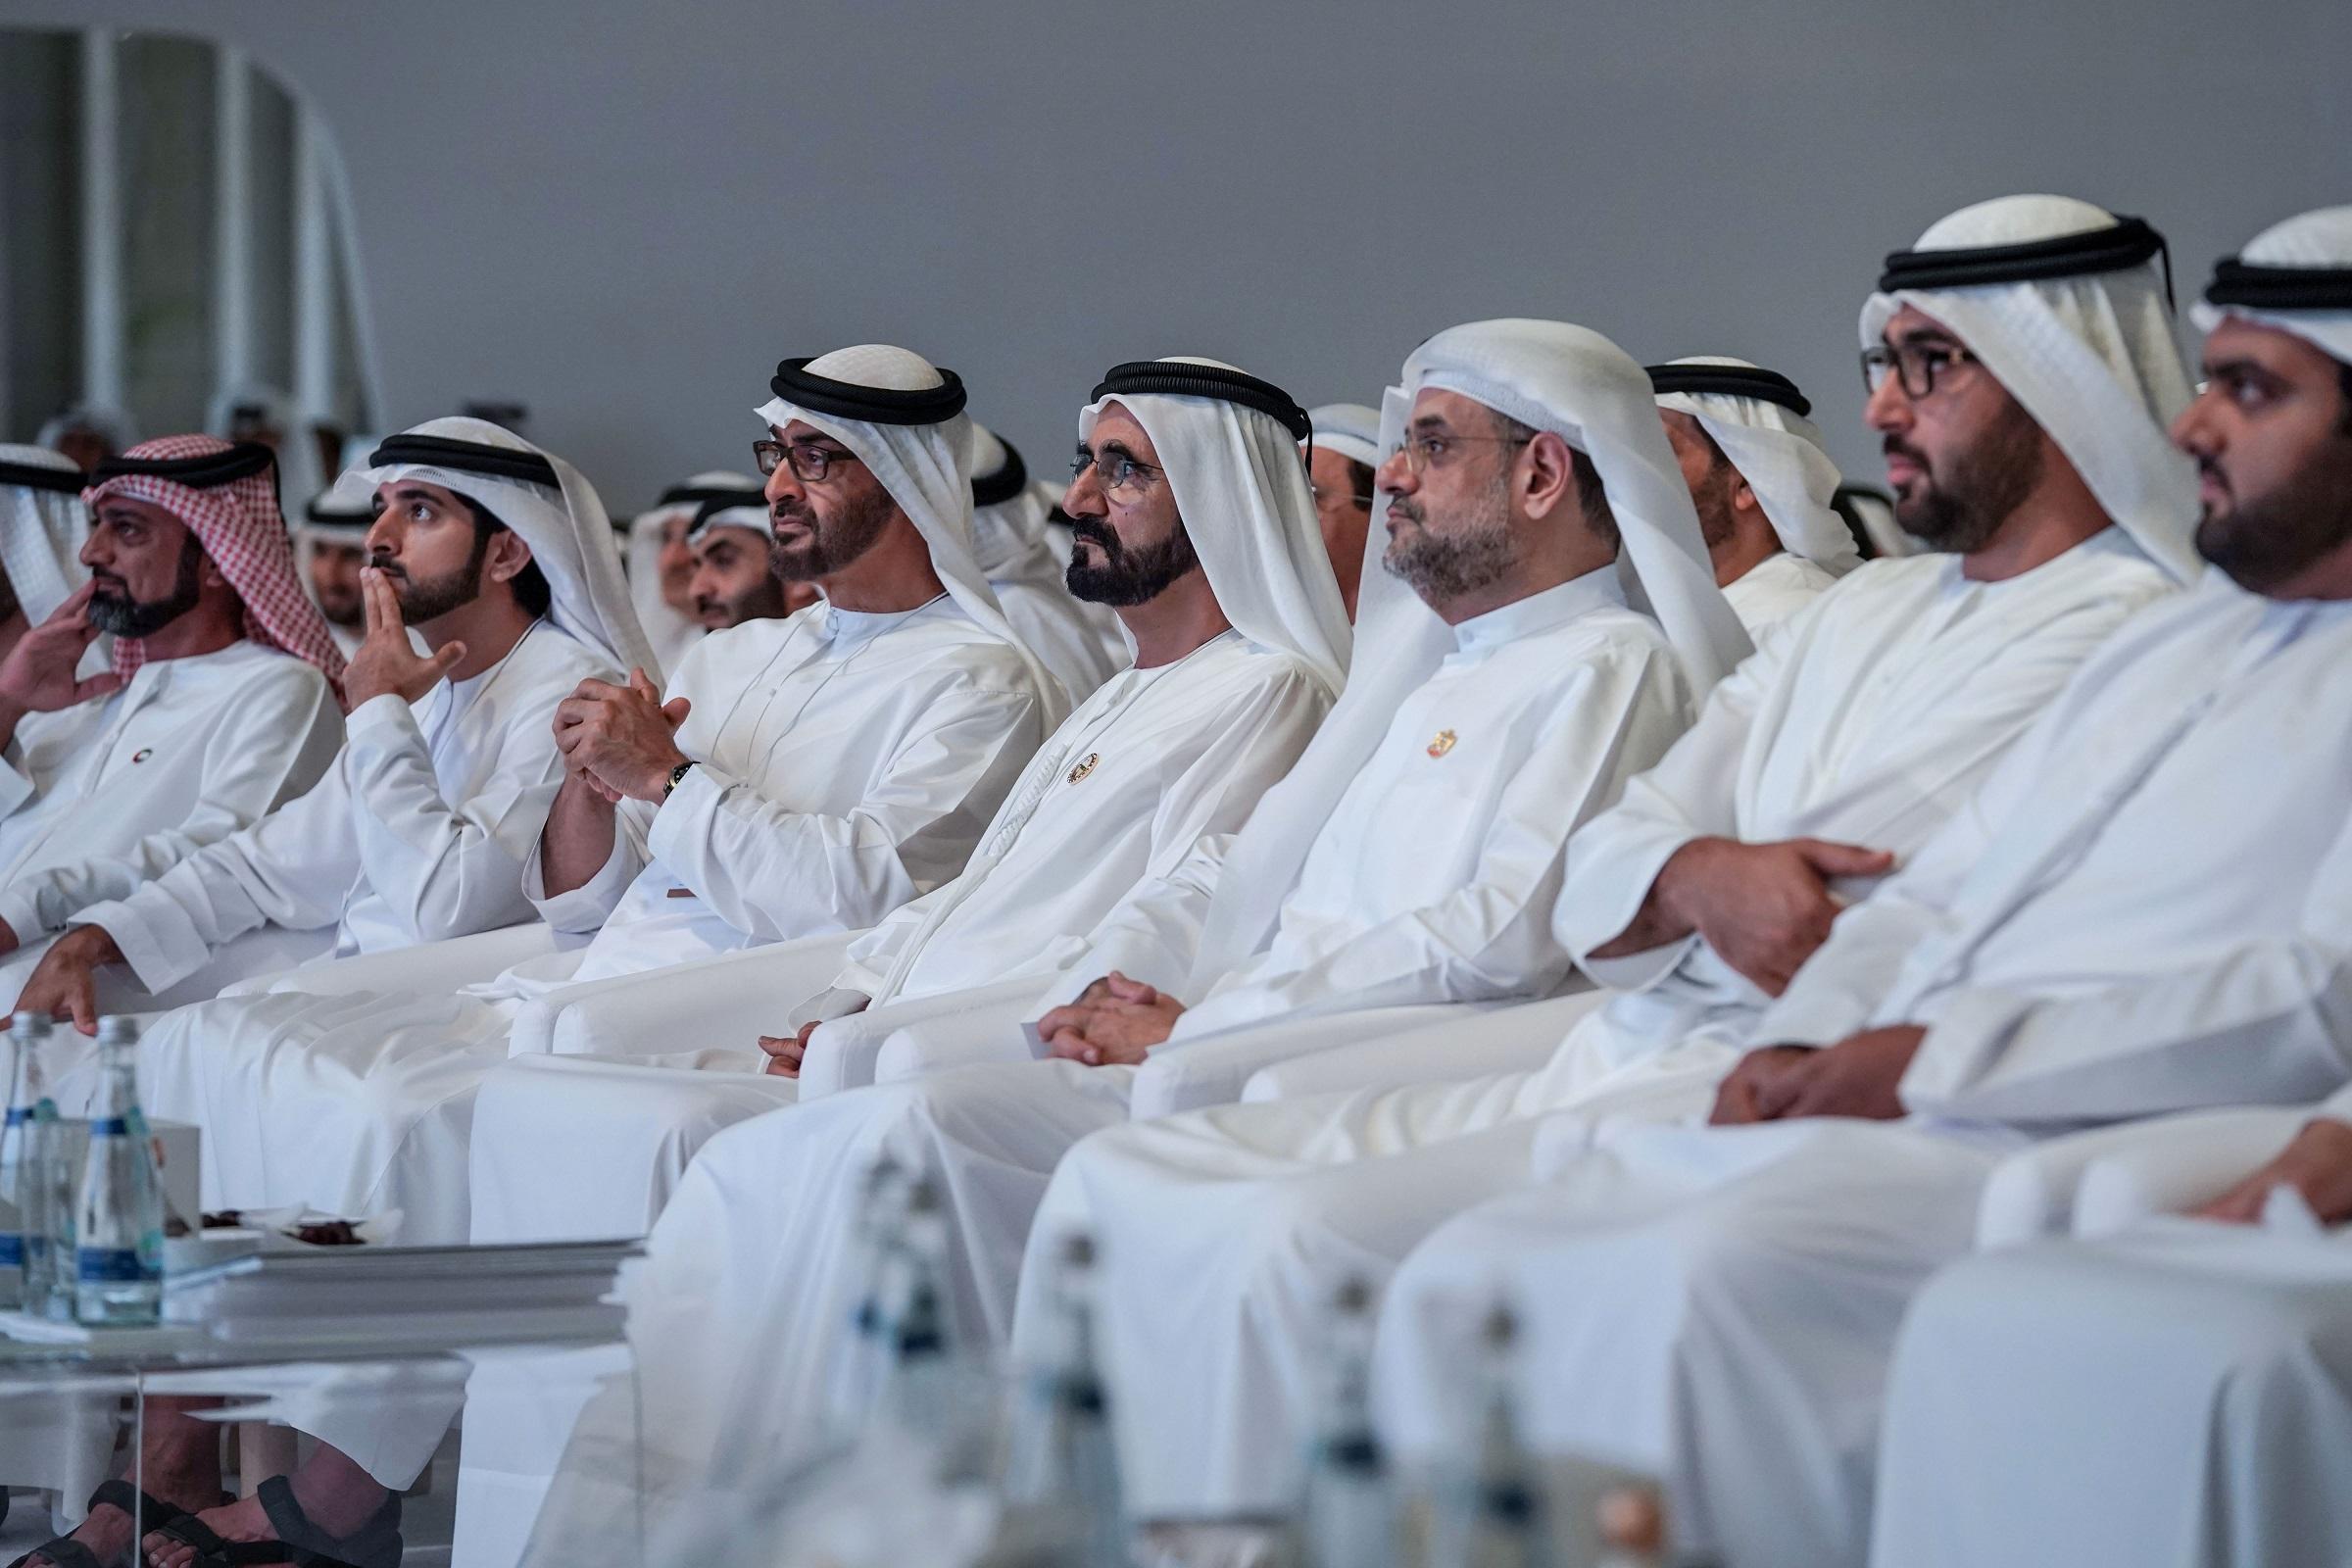 محمد بن راشد ومحمد بن زايد يترأسان الدورة الثالثة من الاجتماعات السنوية لحكومة الإمارات